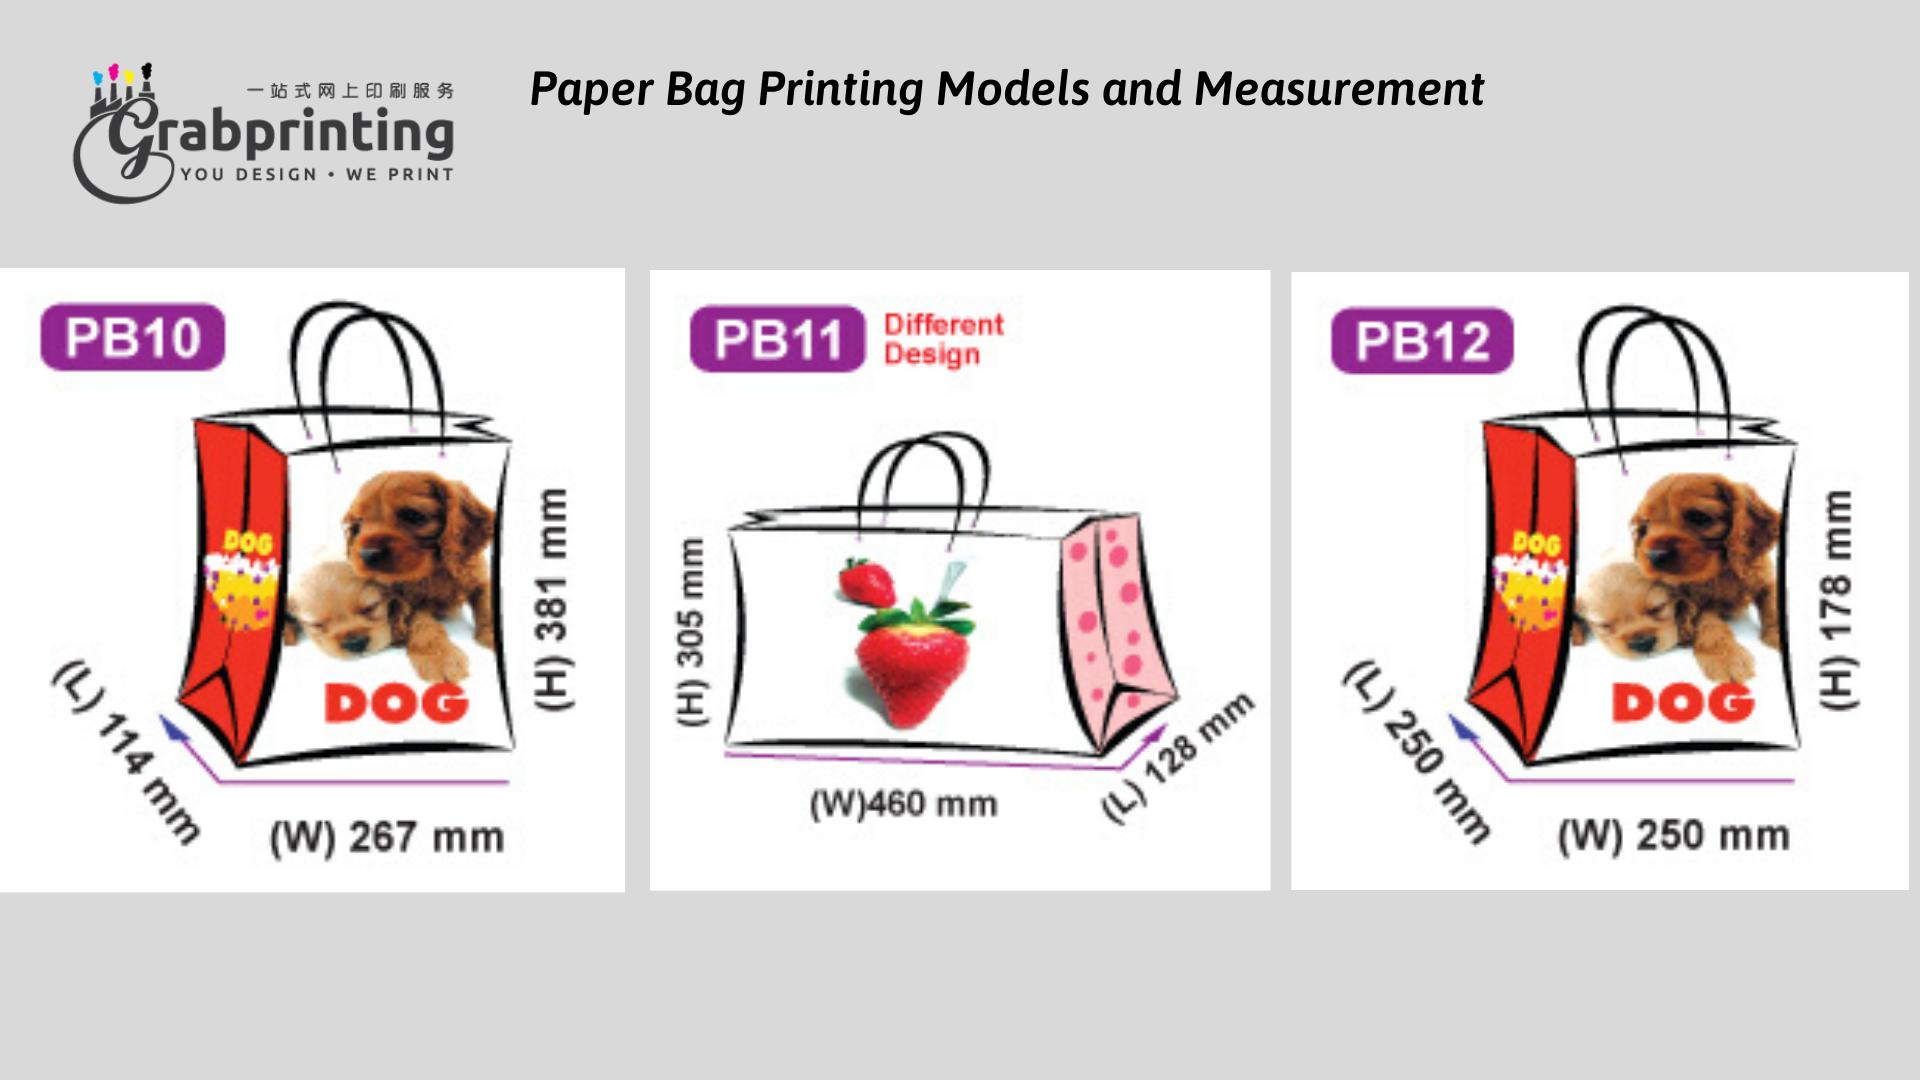 Kraft Paper Bag Printing Paper Bag Printing Models and Measurement 4